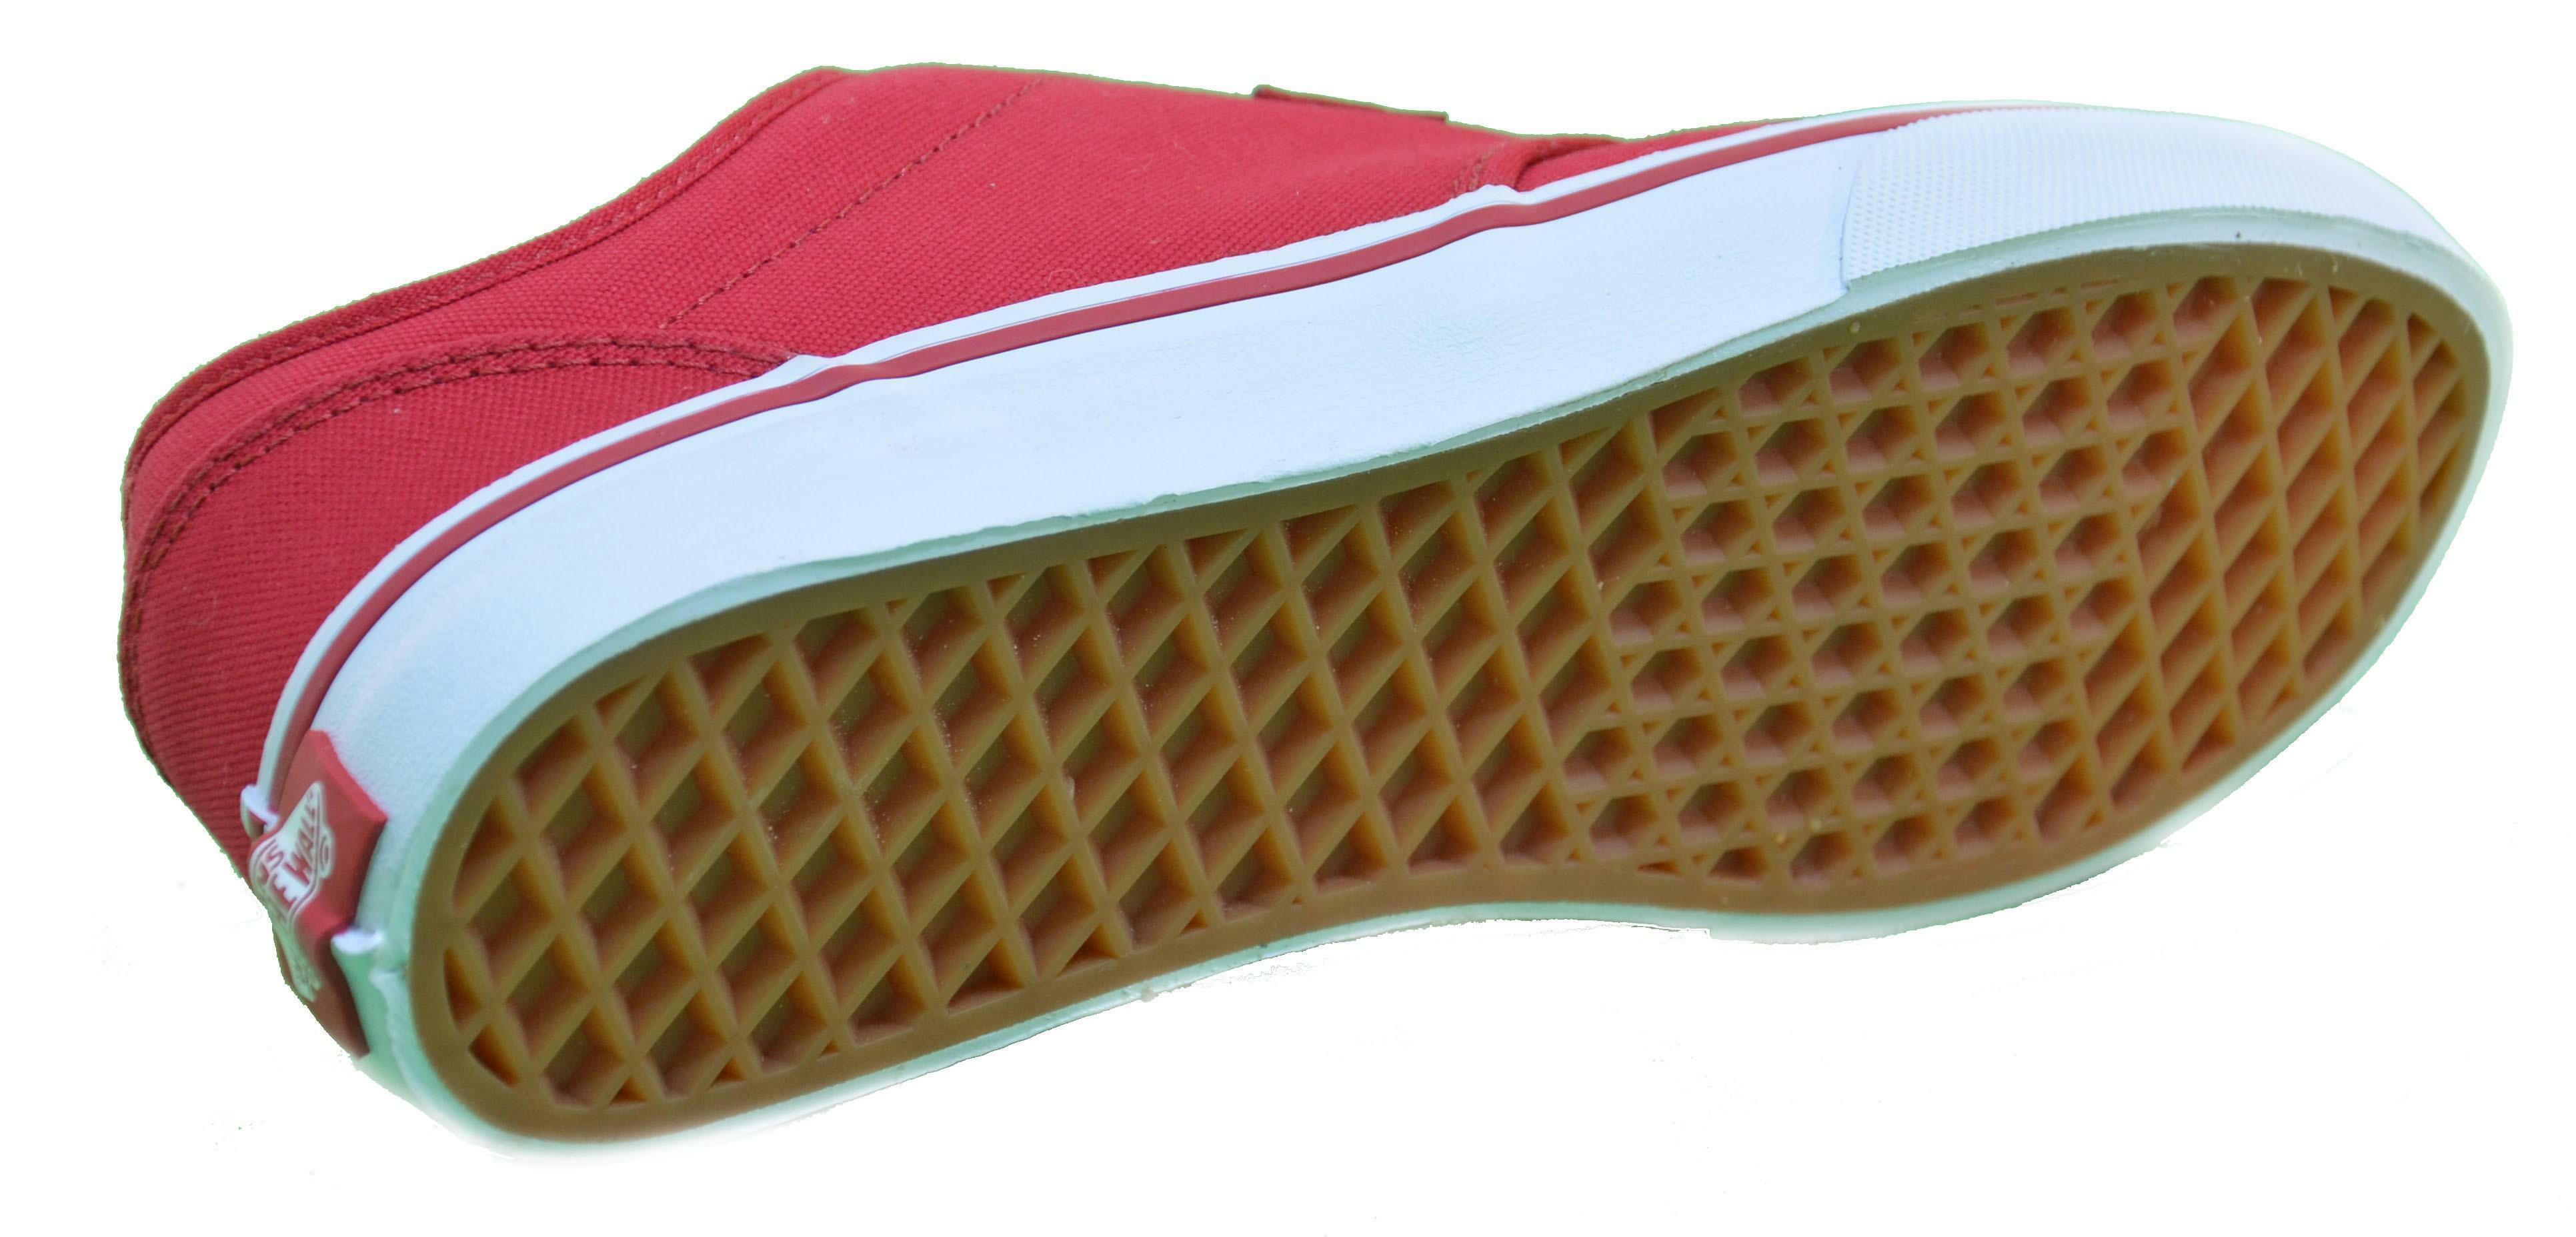 vans vans atwood scarpe bambino rosse tela znr5gh